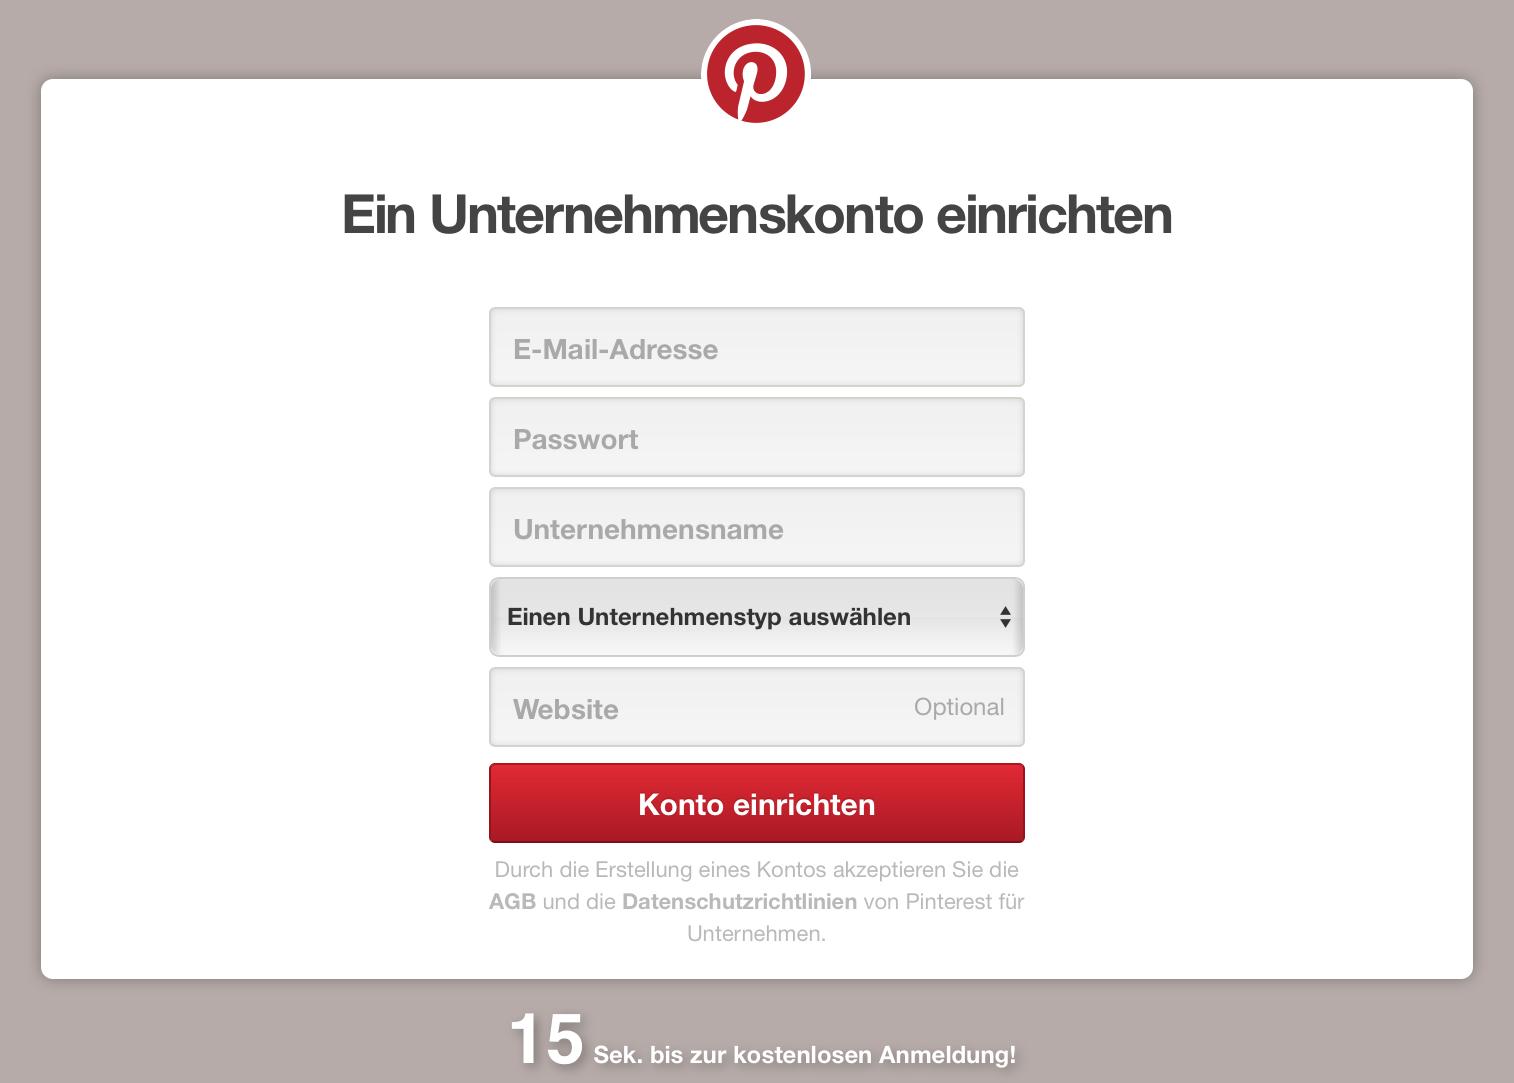 Pinterest direkt als Unternehmen anmelden